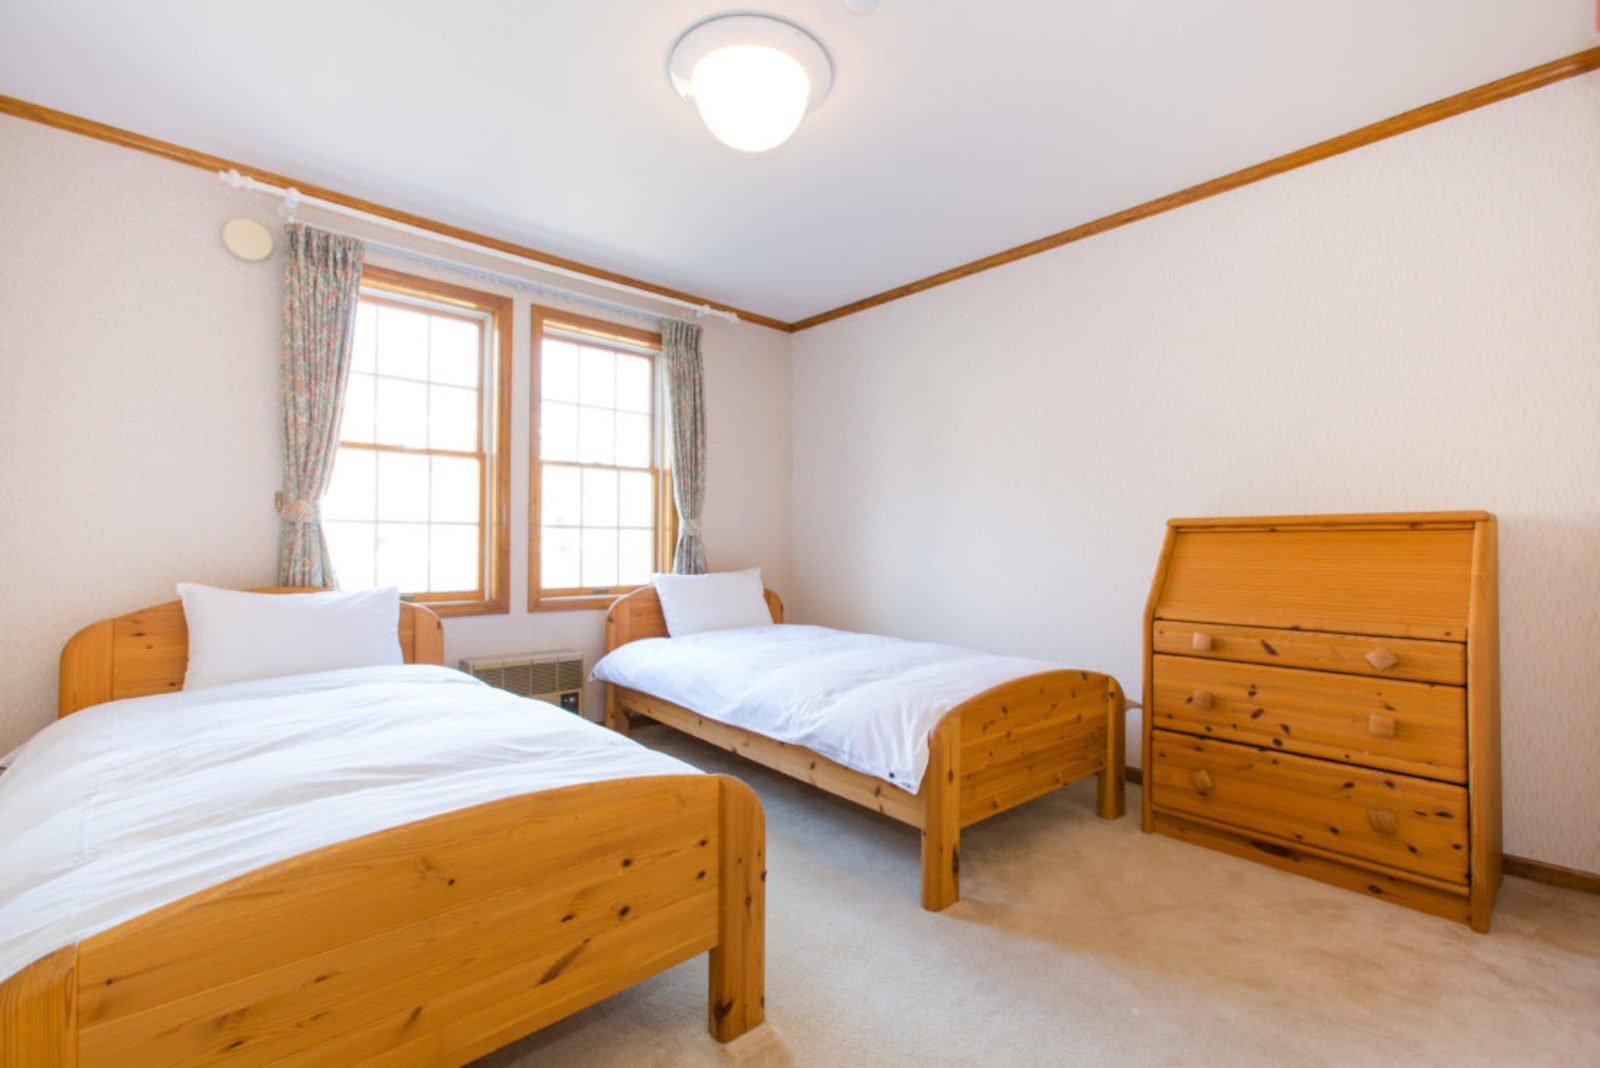 Heritage western bedroom large